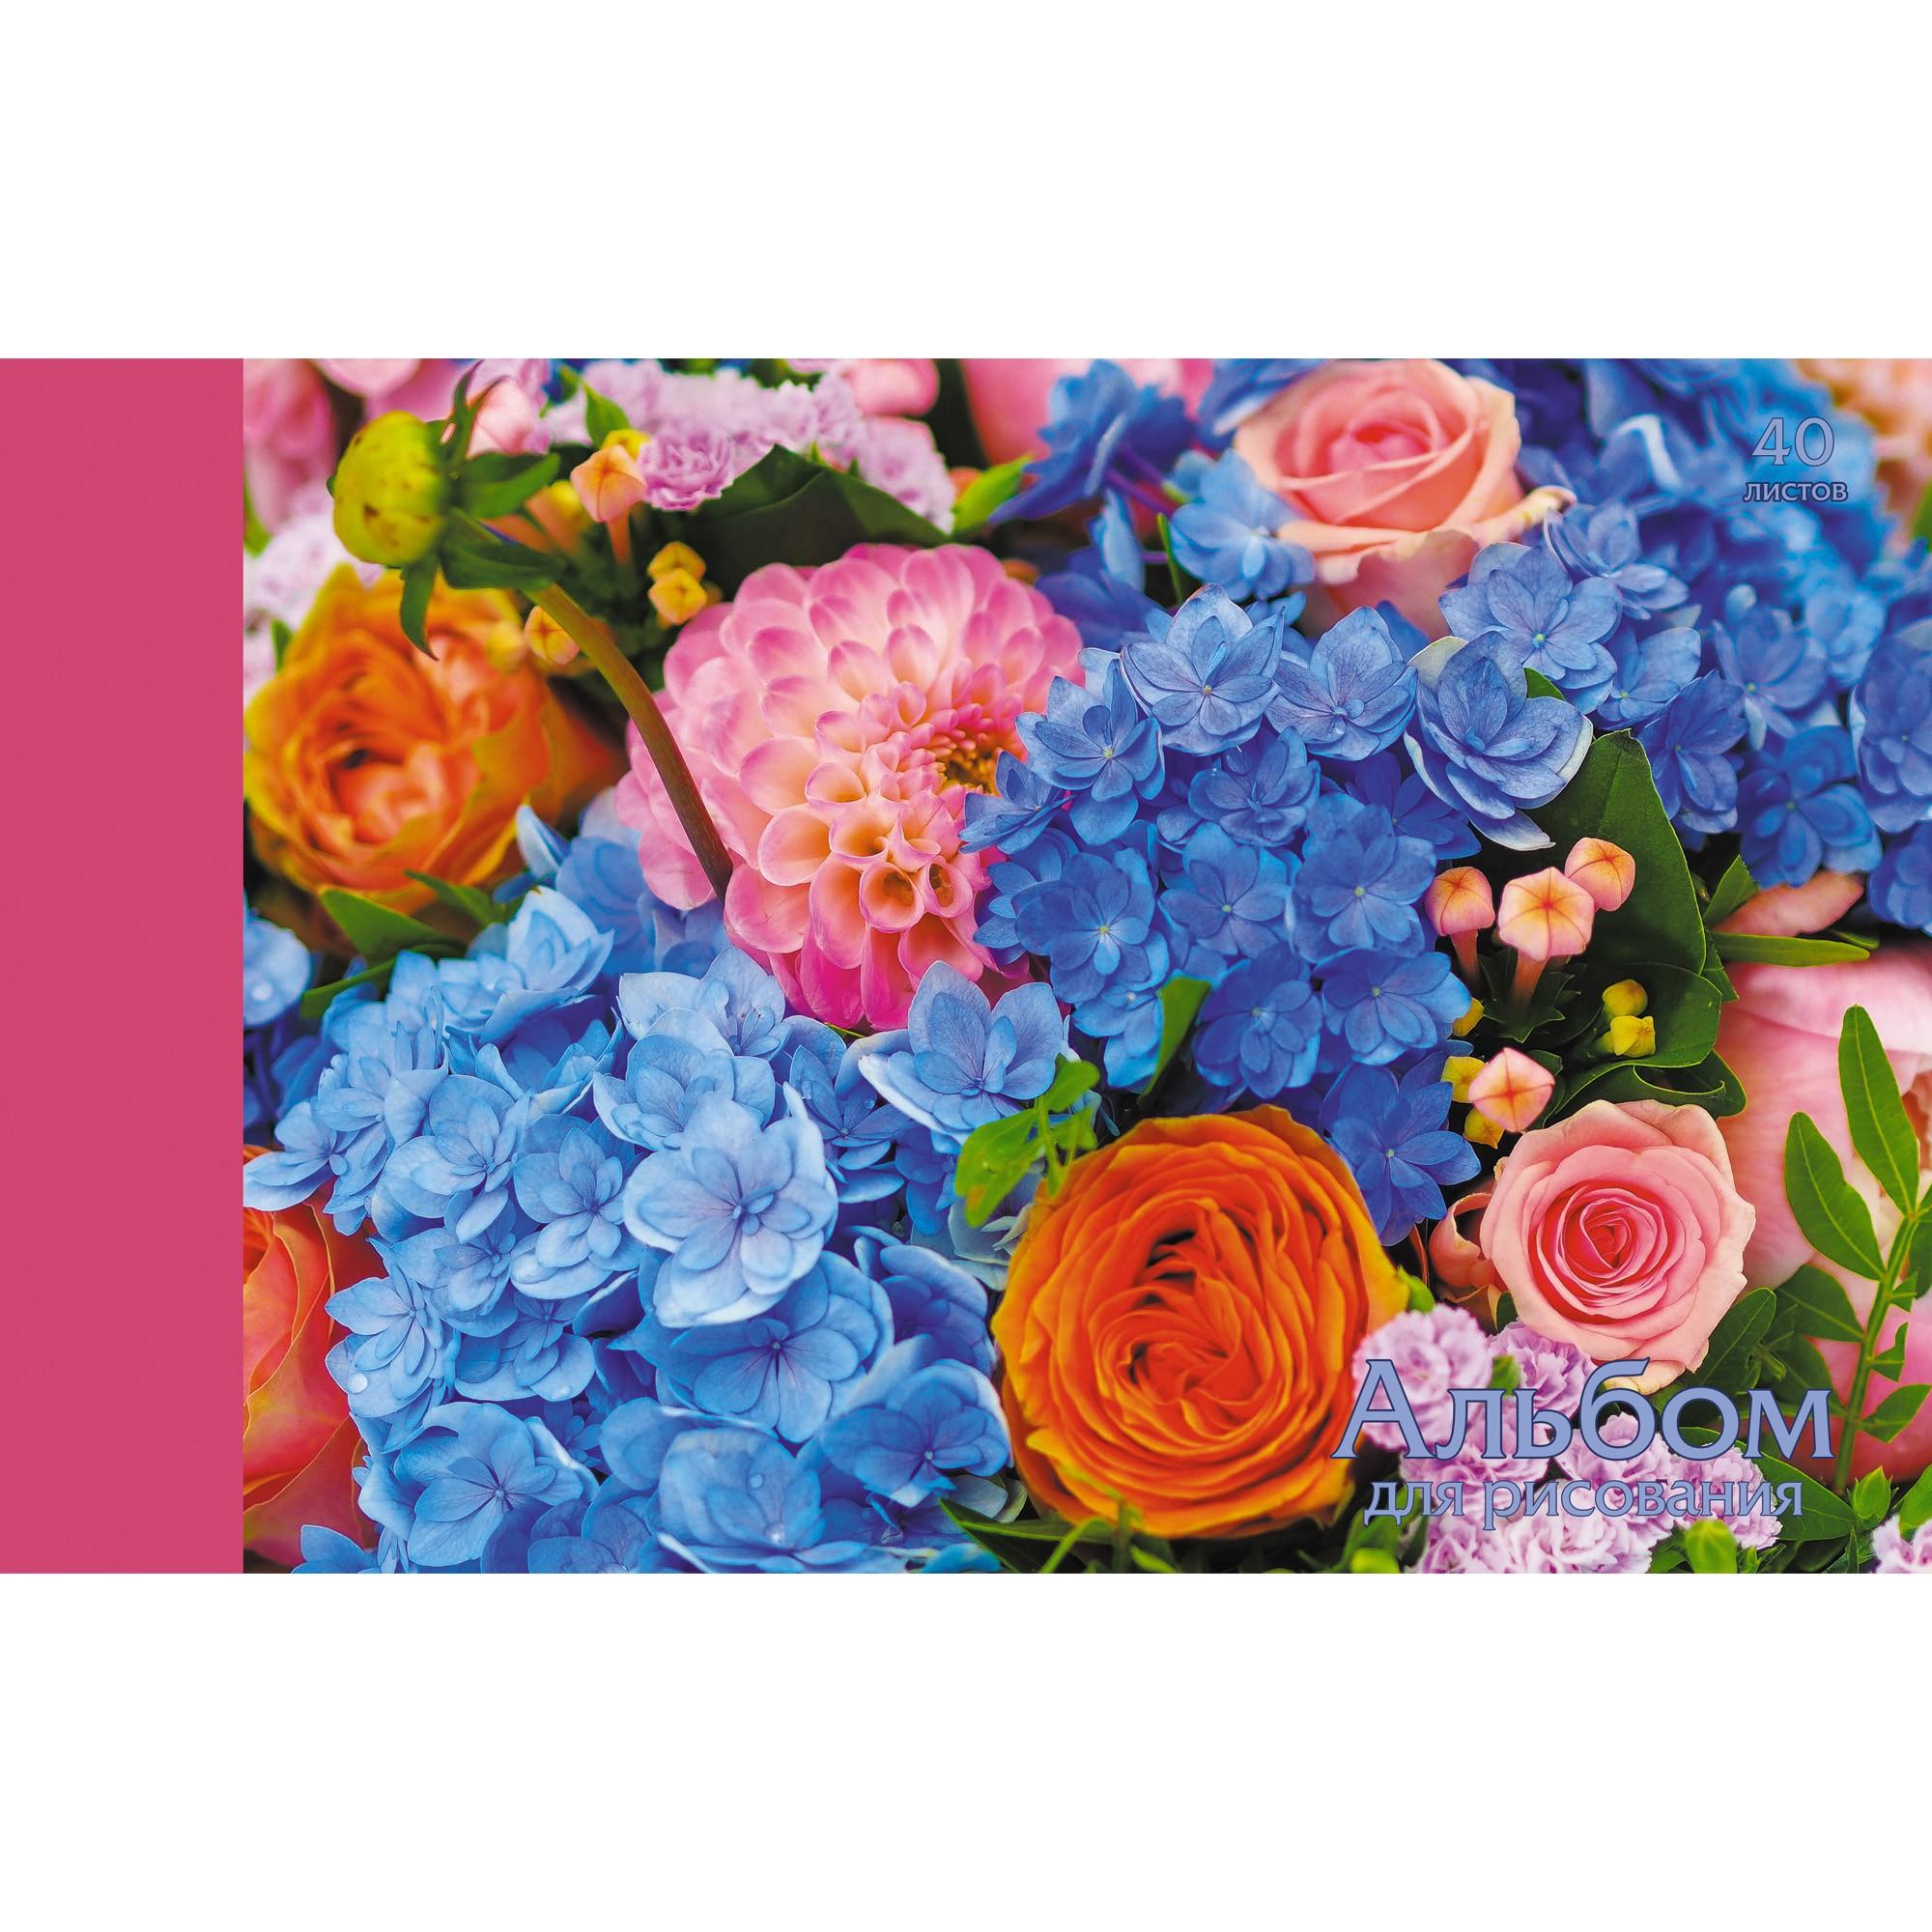 Альбом д/рис 40л Цветочные букеты (склейка) 110г/м2